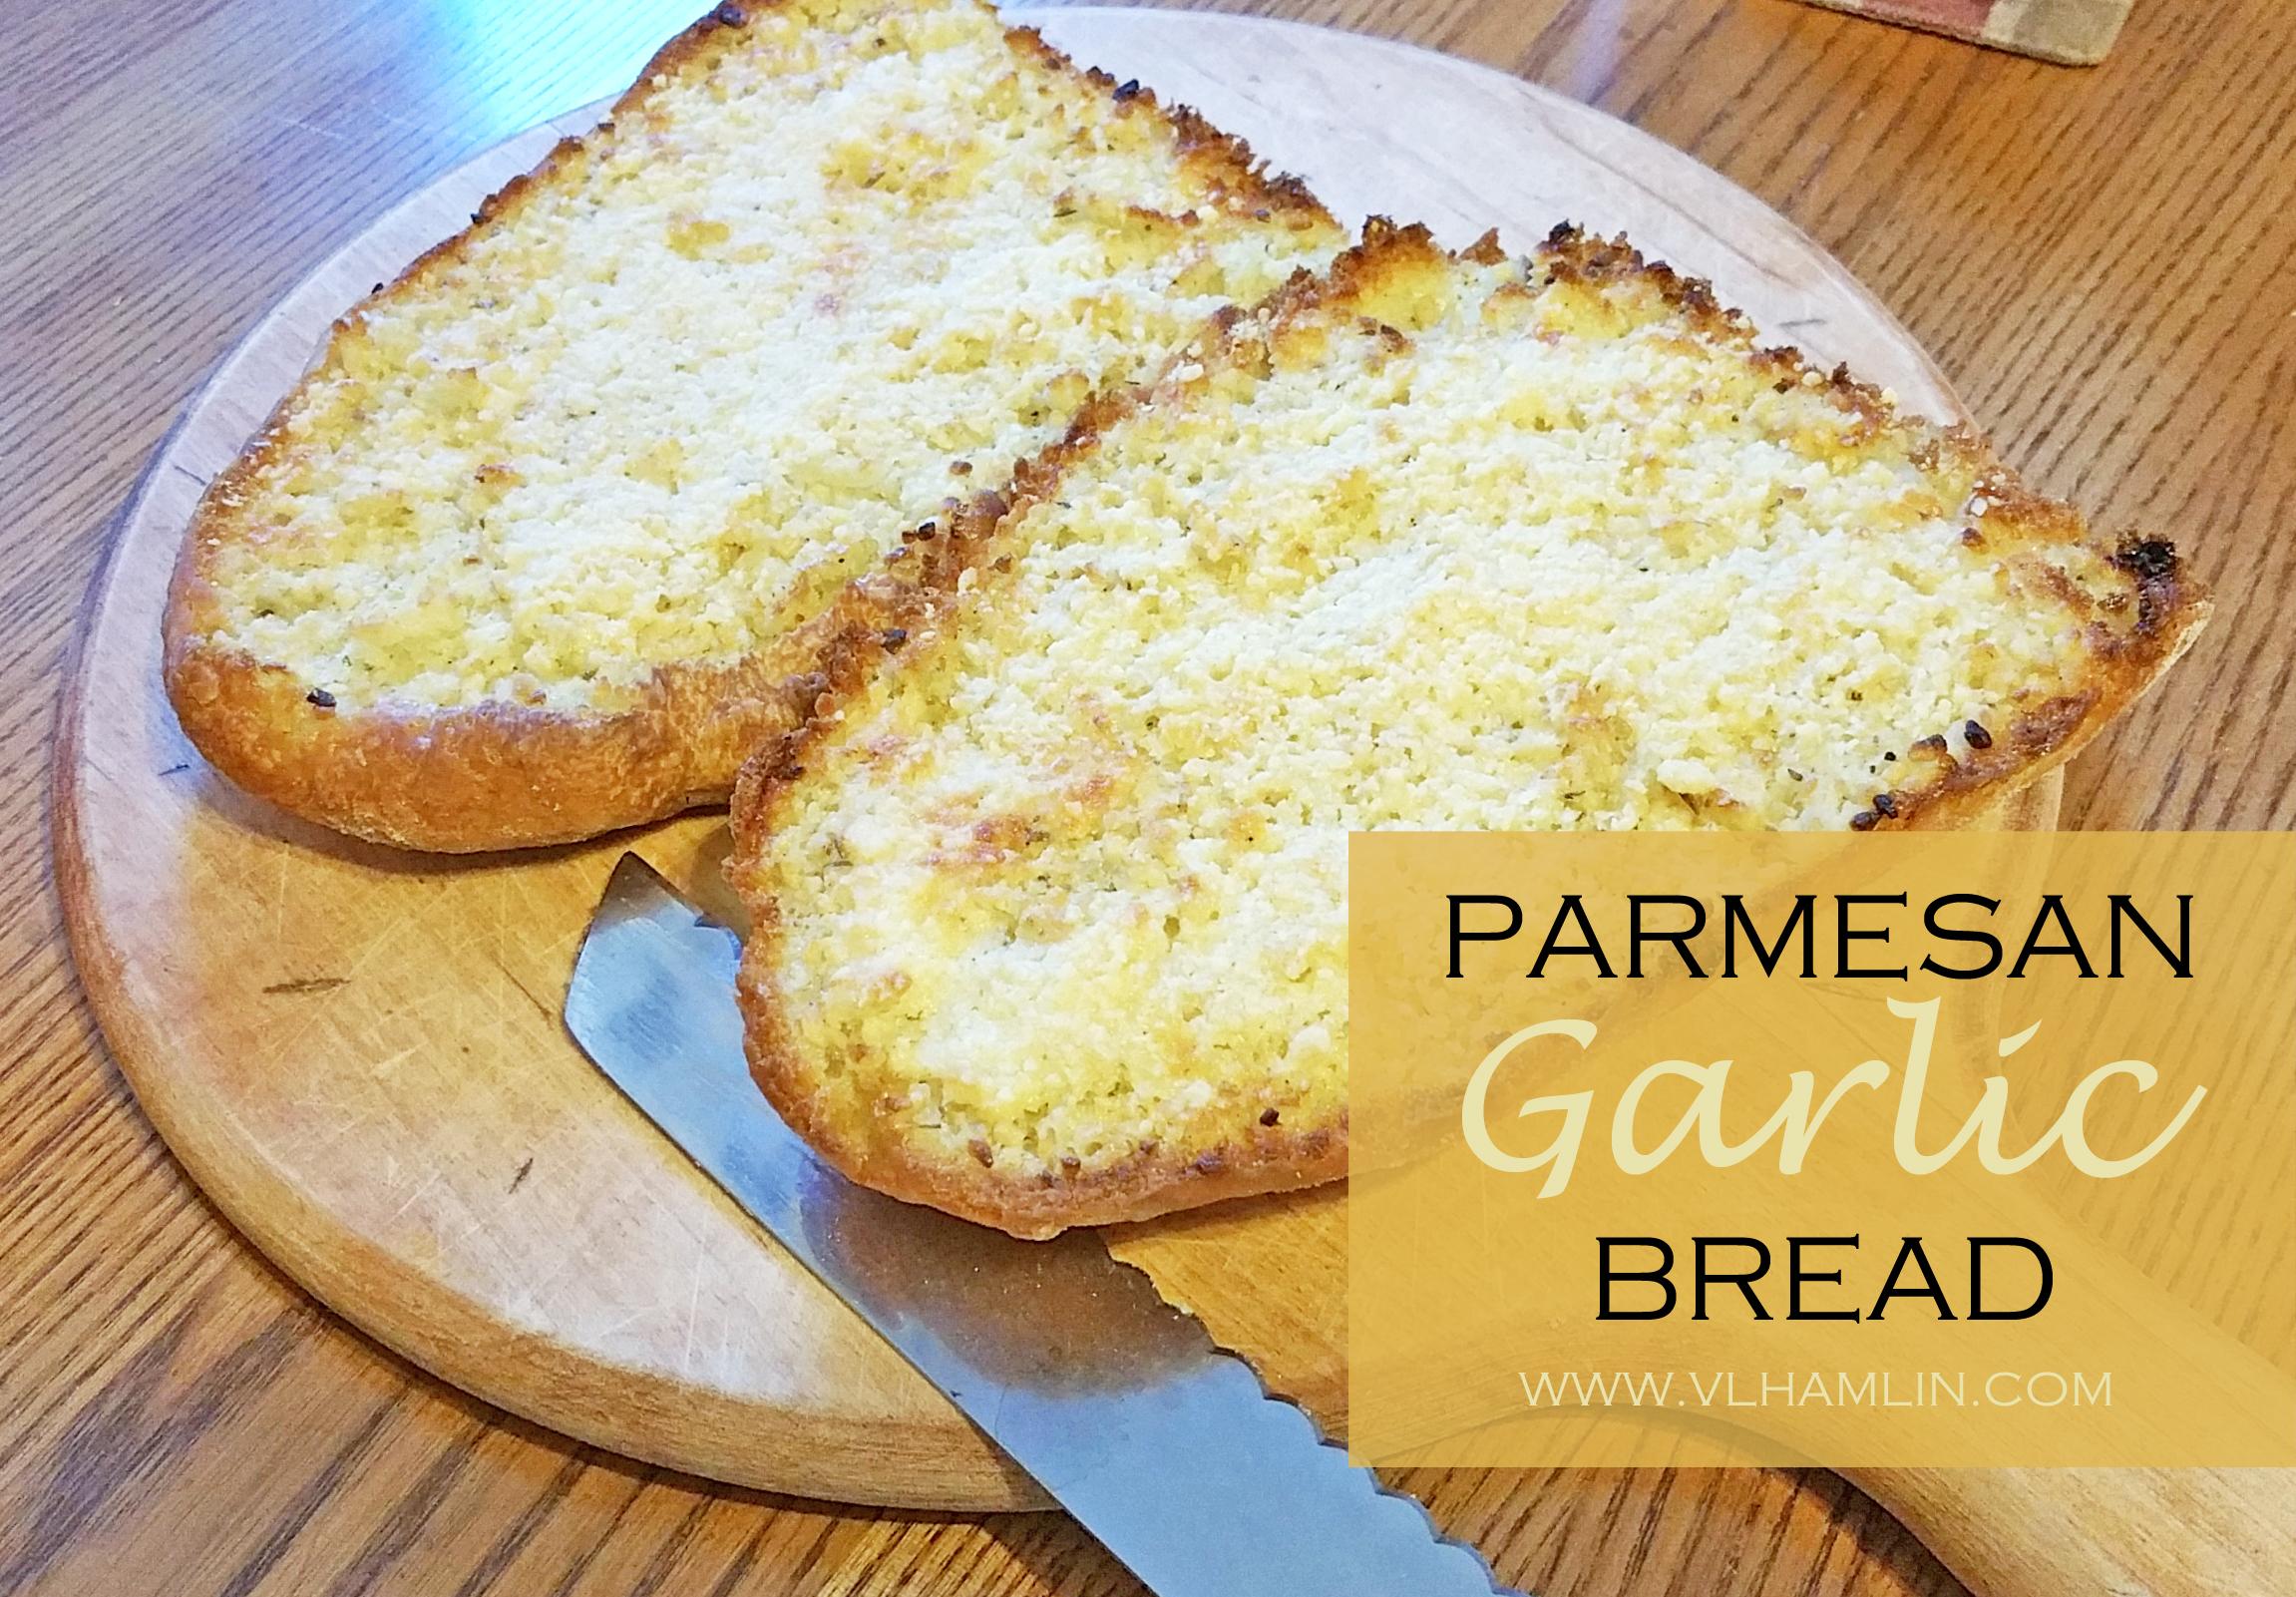 Parmesan Garlic Bread Recipe